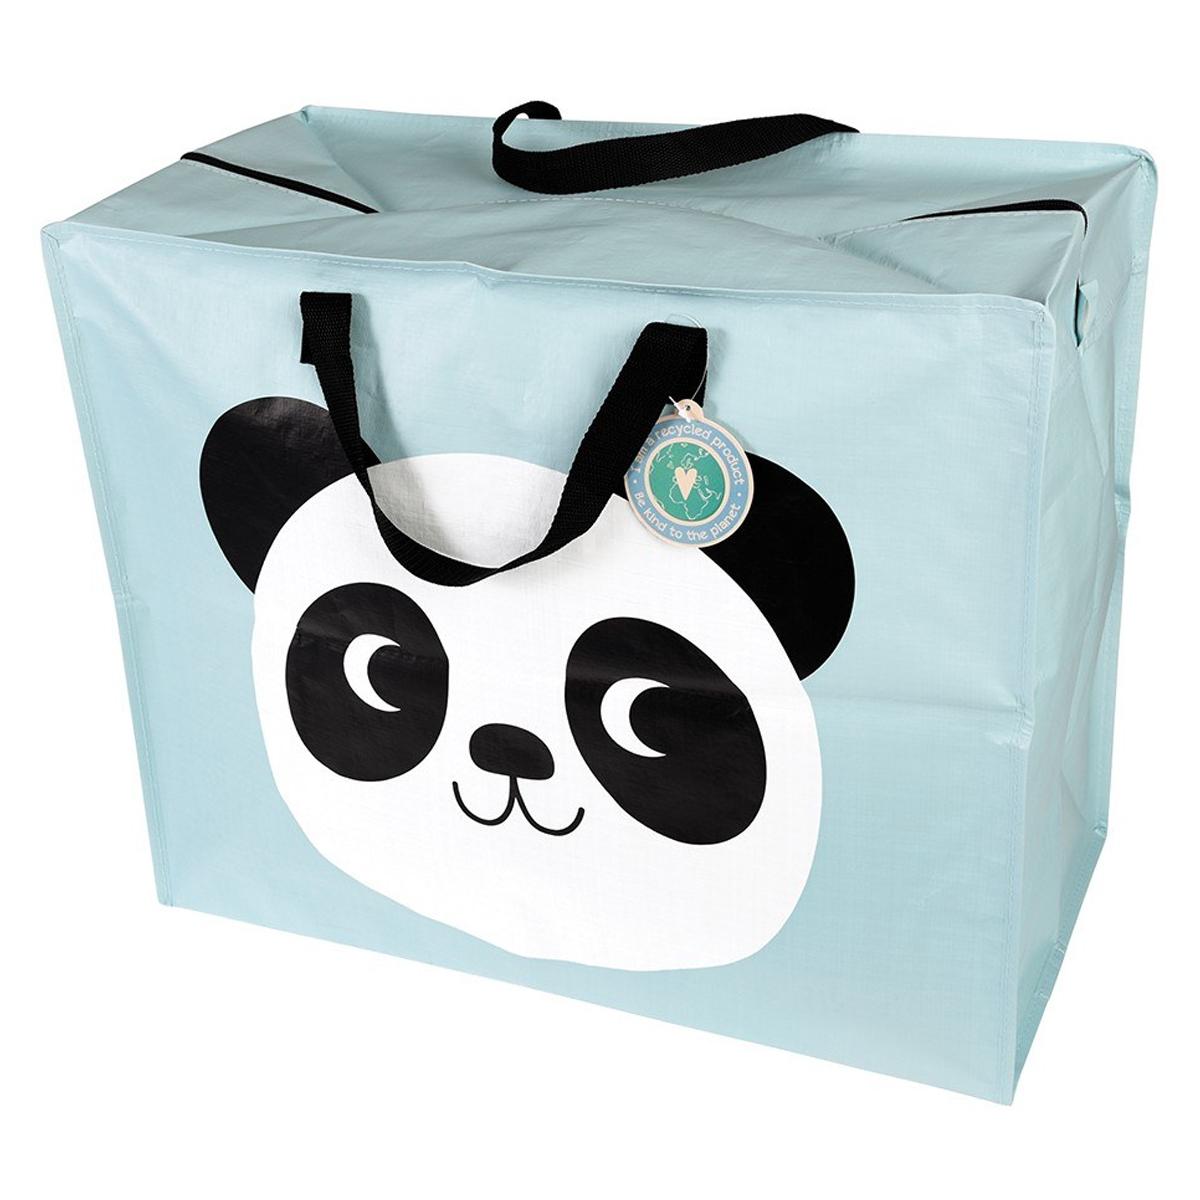 Rangement jouet Sac de Rangement Jumbo - Miko le Panda Sac de Rangement Jumbo - Miko le Panda